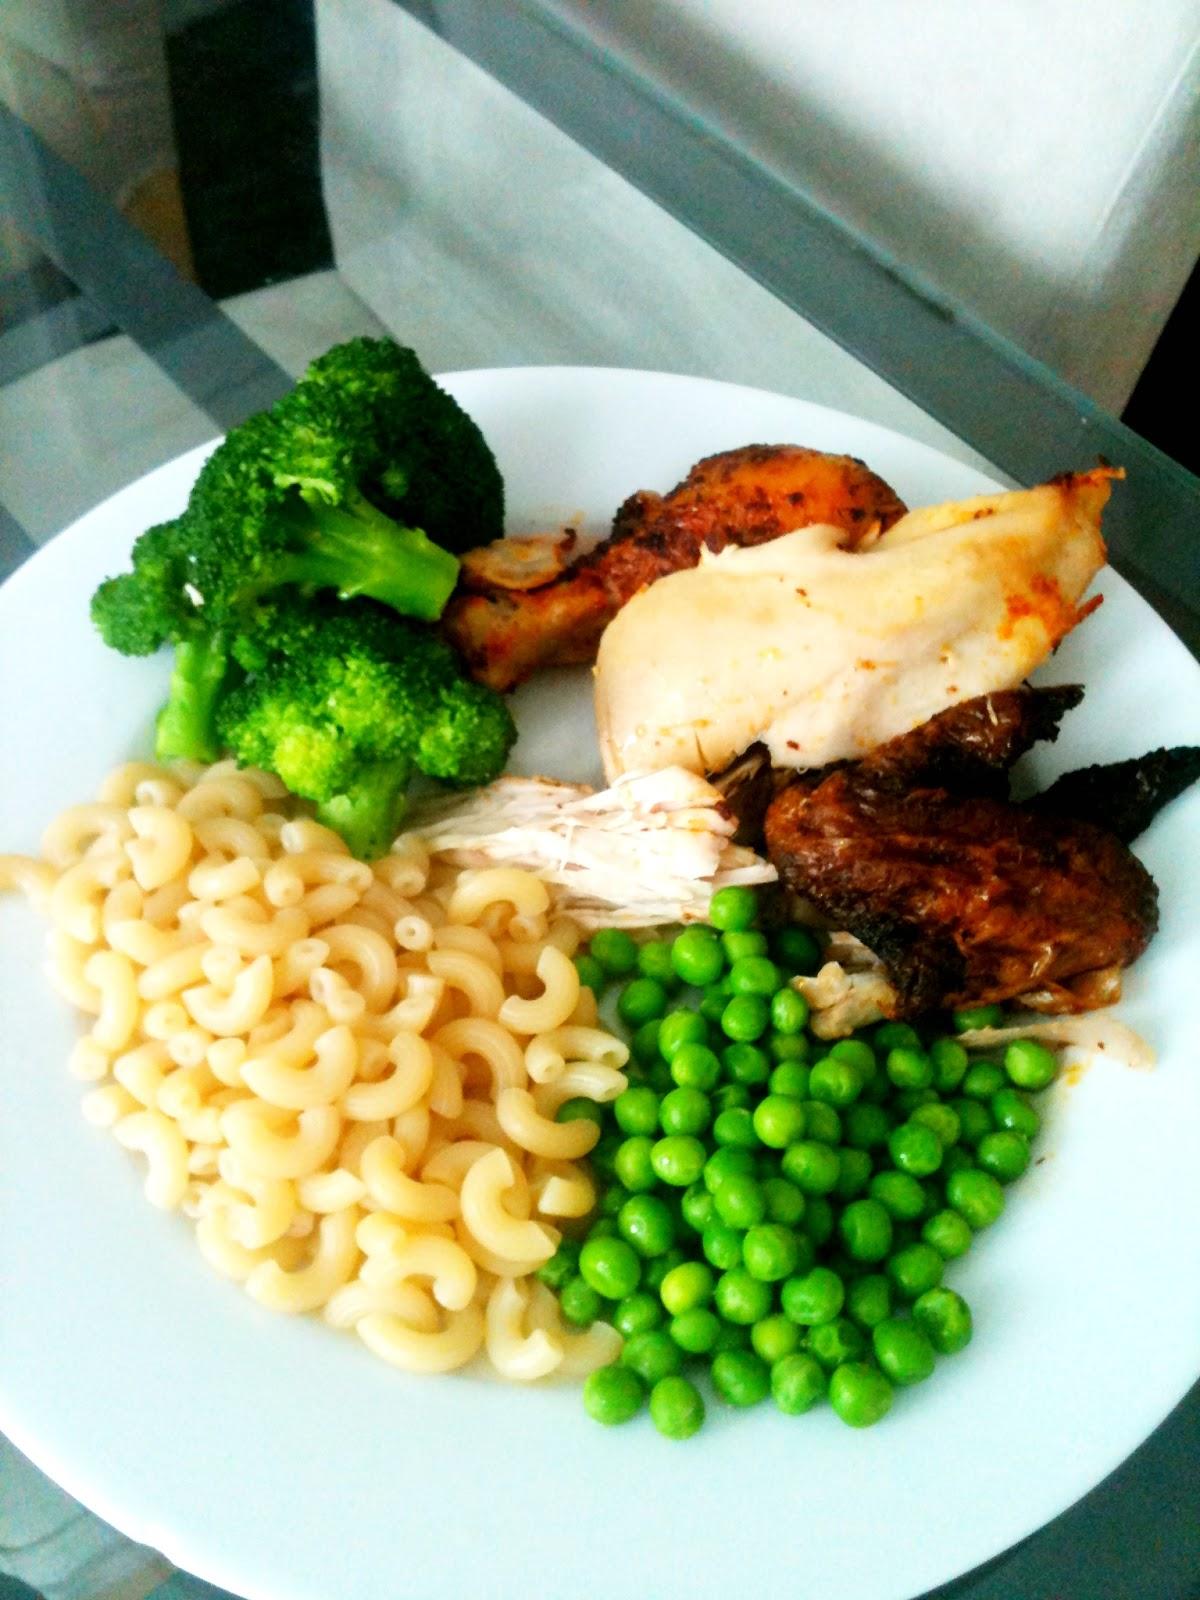 grillad kyckling nyttigt